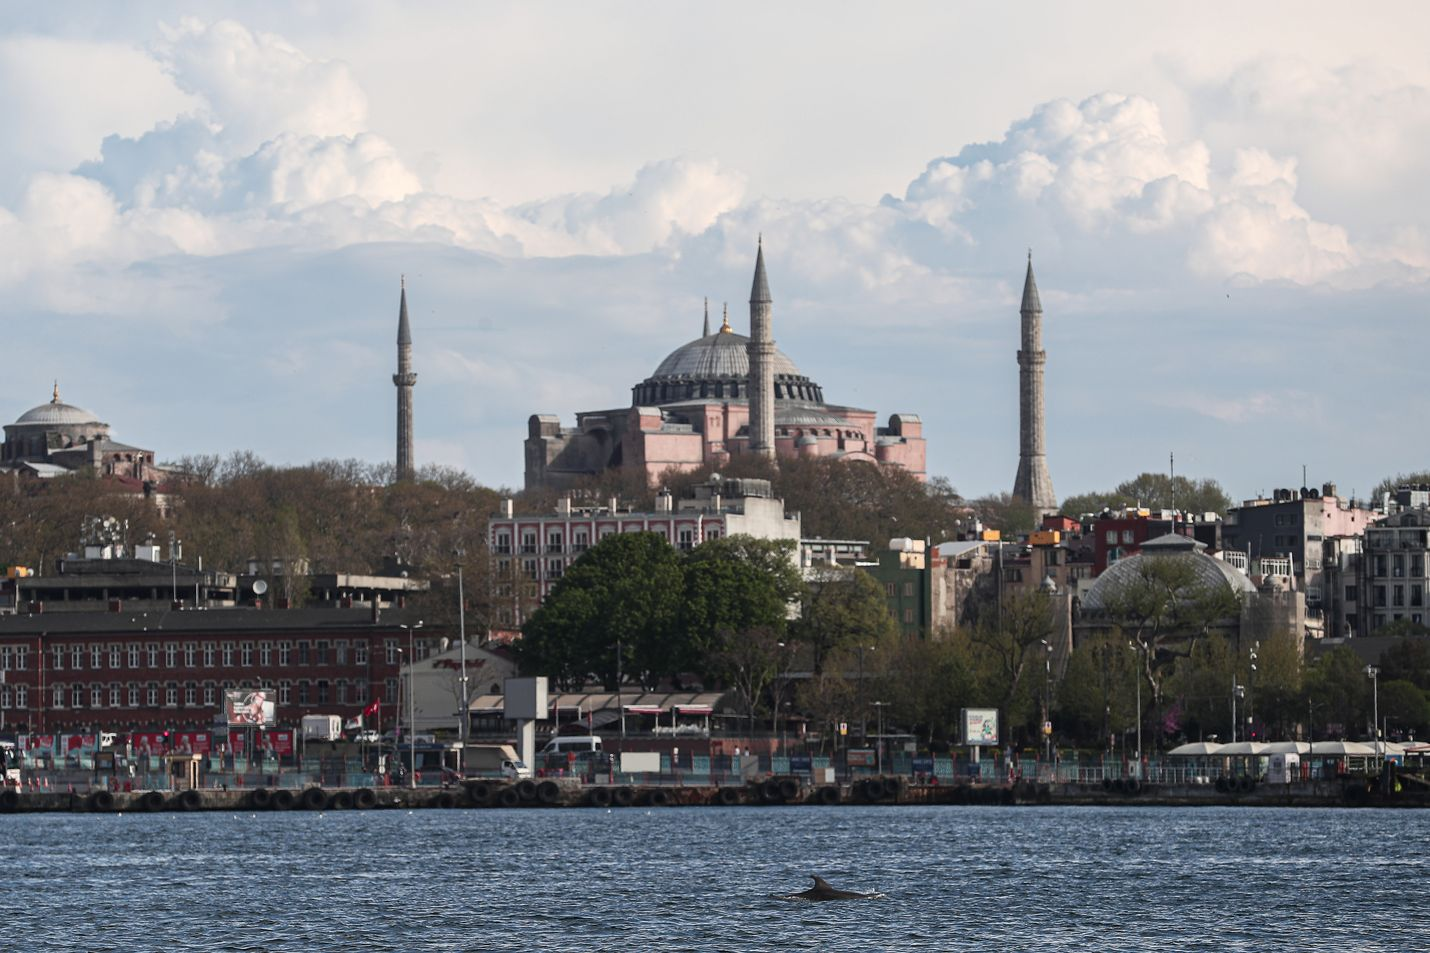 Hagia Sofia on ollut 1 500 vuoden ajan sekä kirkkona että moskeijana. Istanbulin symboili muutettiin museoksi 1930-luvulla.